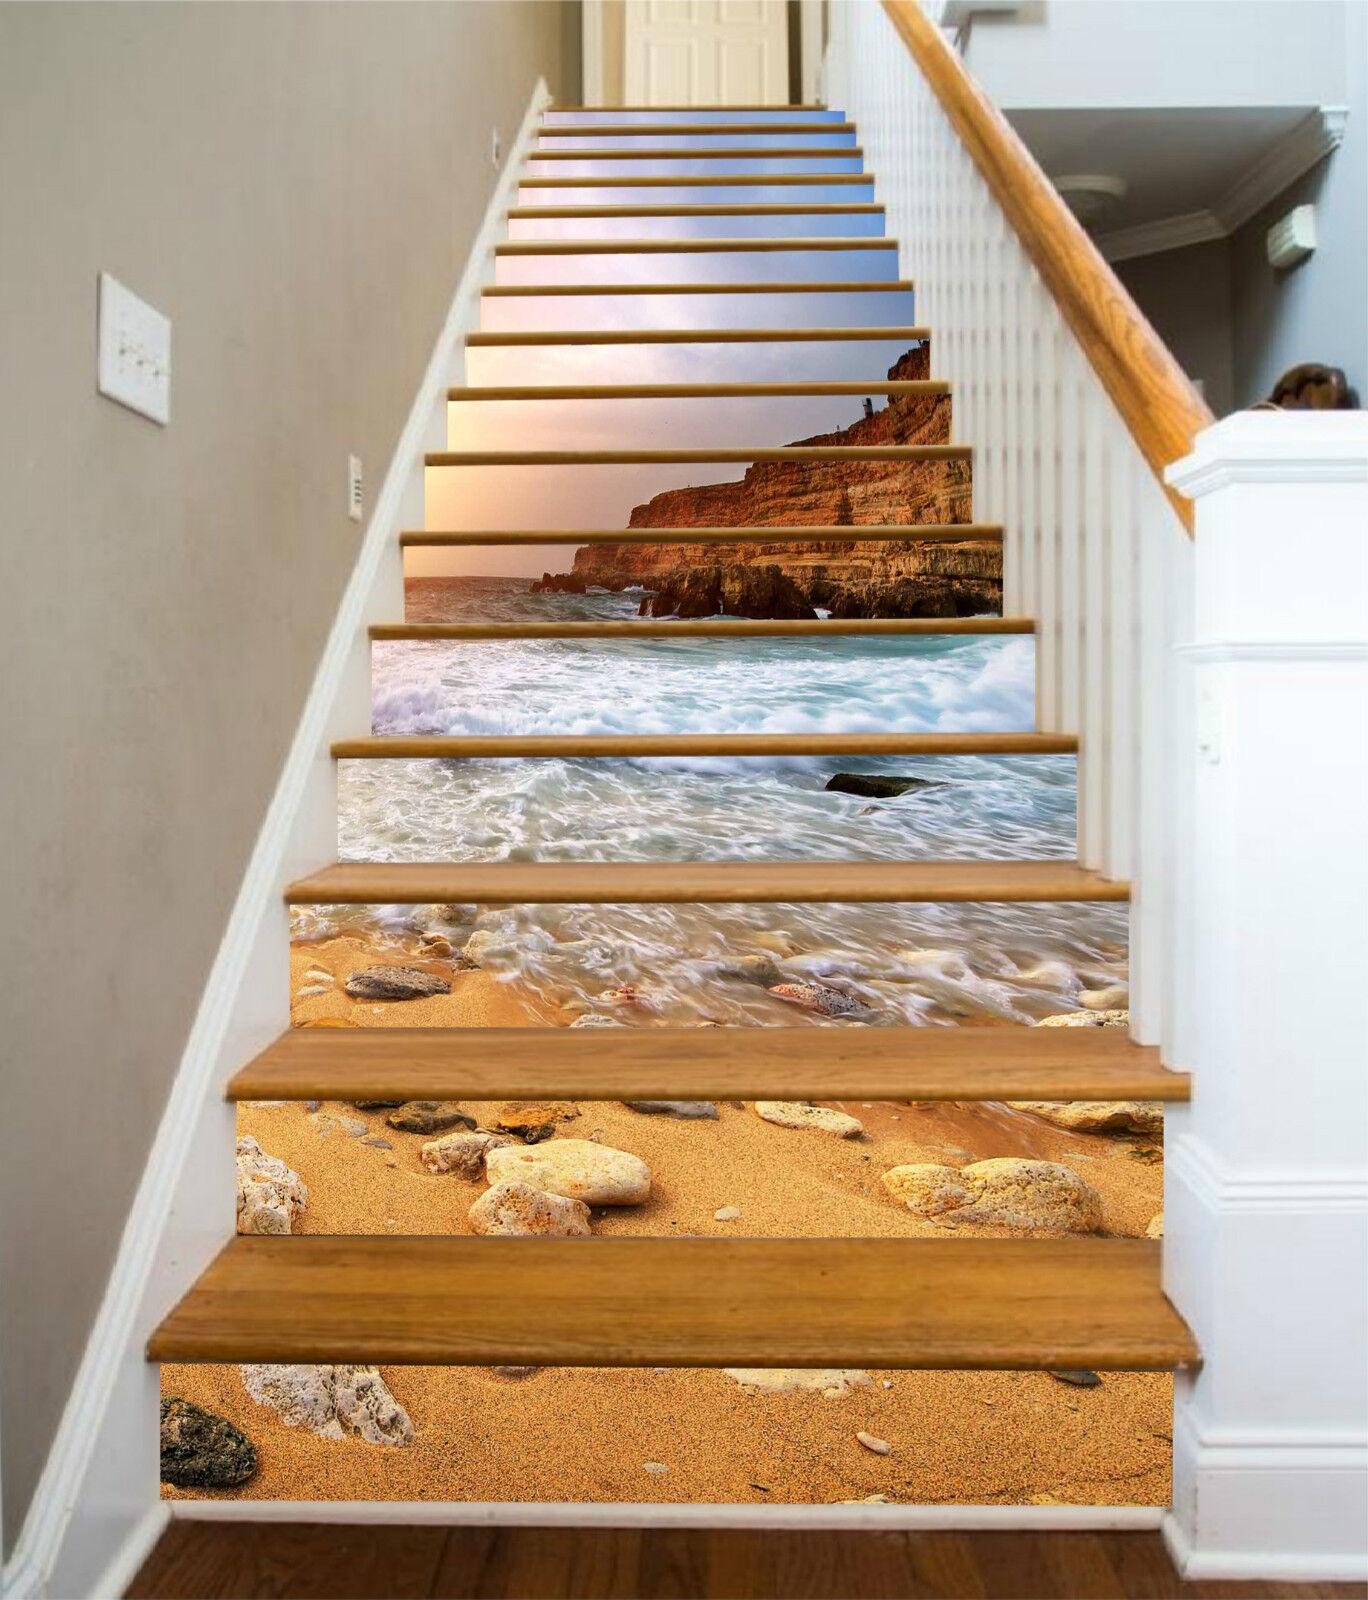 3d rocheux plage Stair Risers Décoration Papier Peint Vinyle Autocollant Papier Peint De